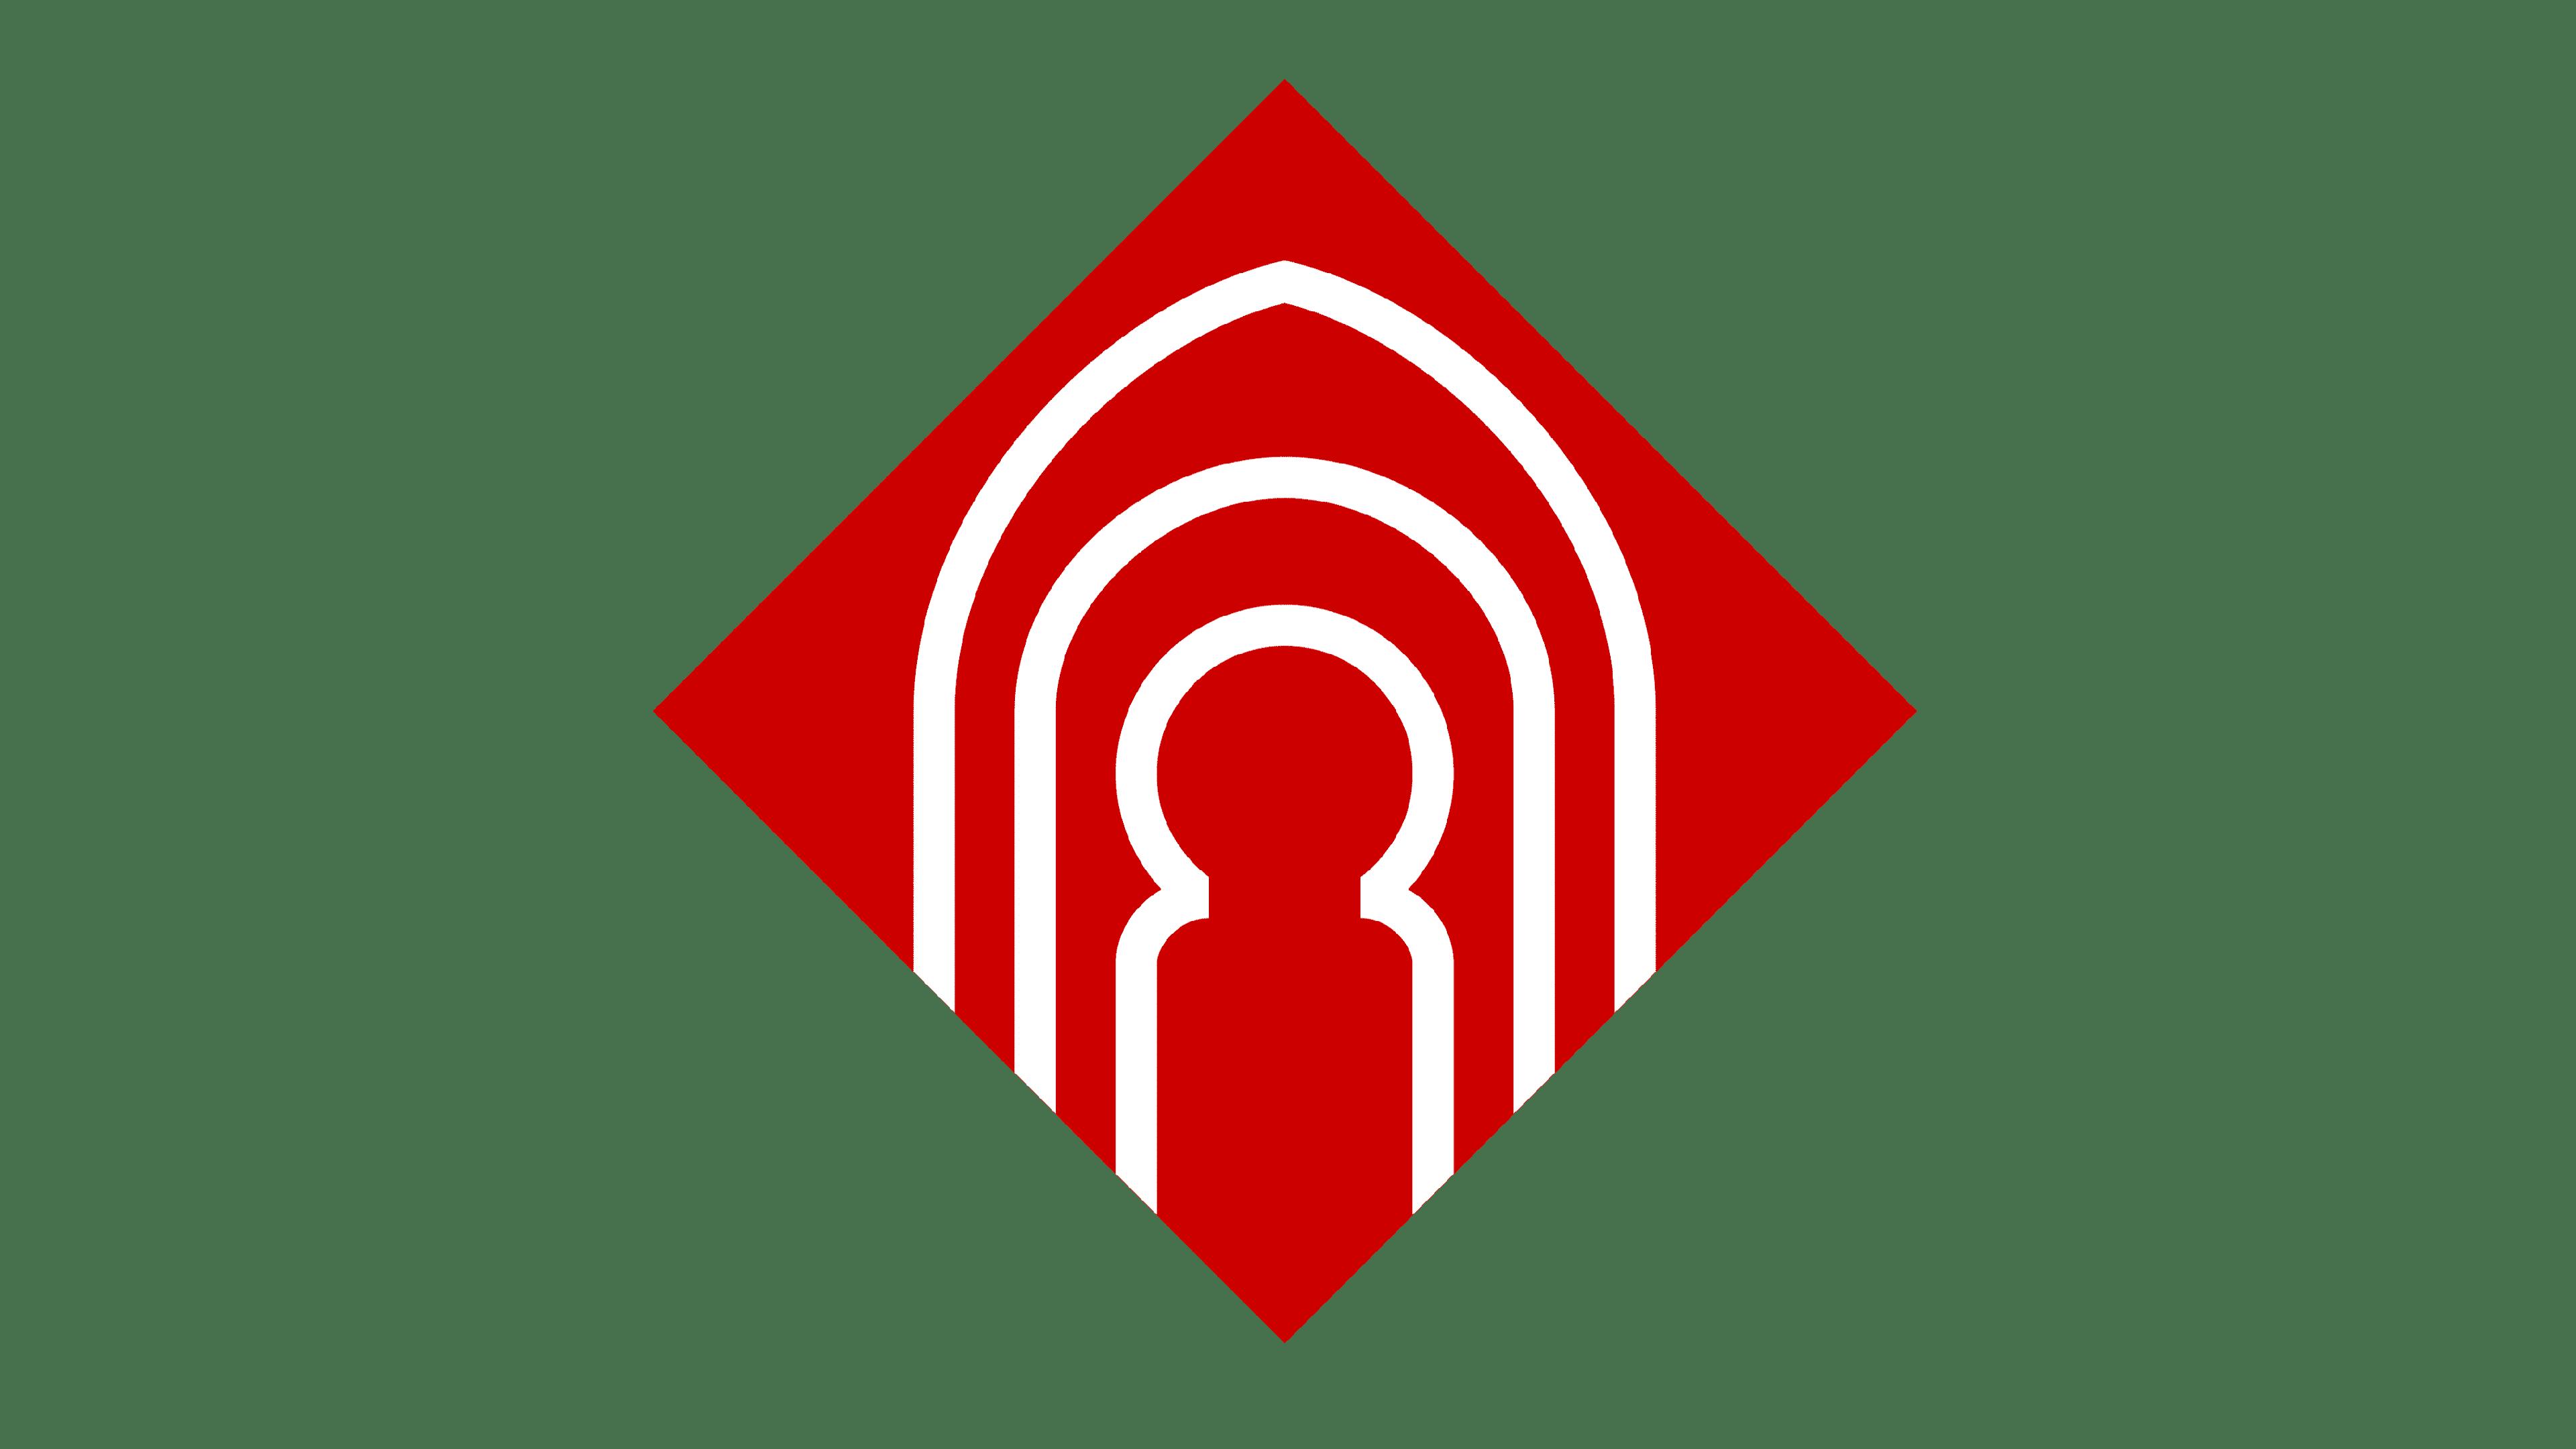 Logo de The University of Castilla–La Mancha UCLM: la historia y el  significado del logotipo, la marca y el símbolo. | png, vector